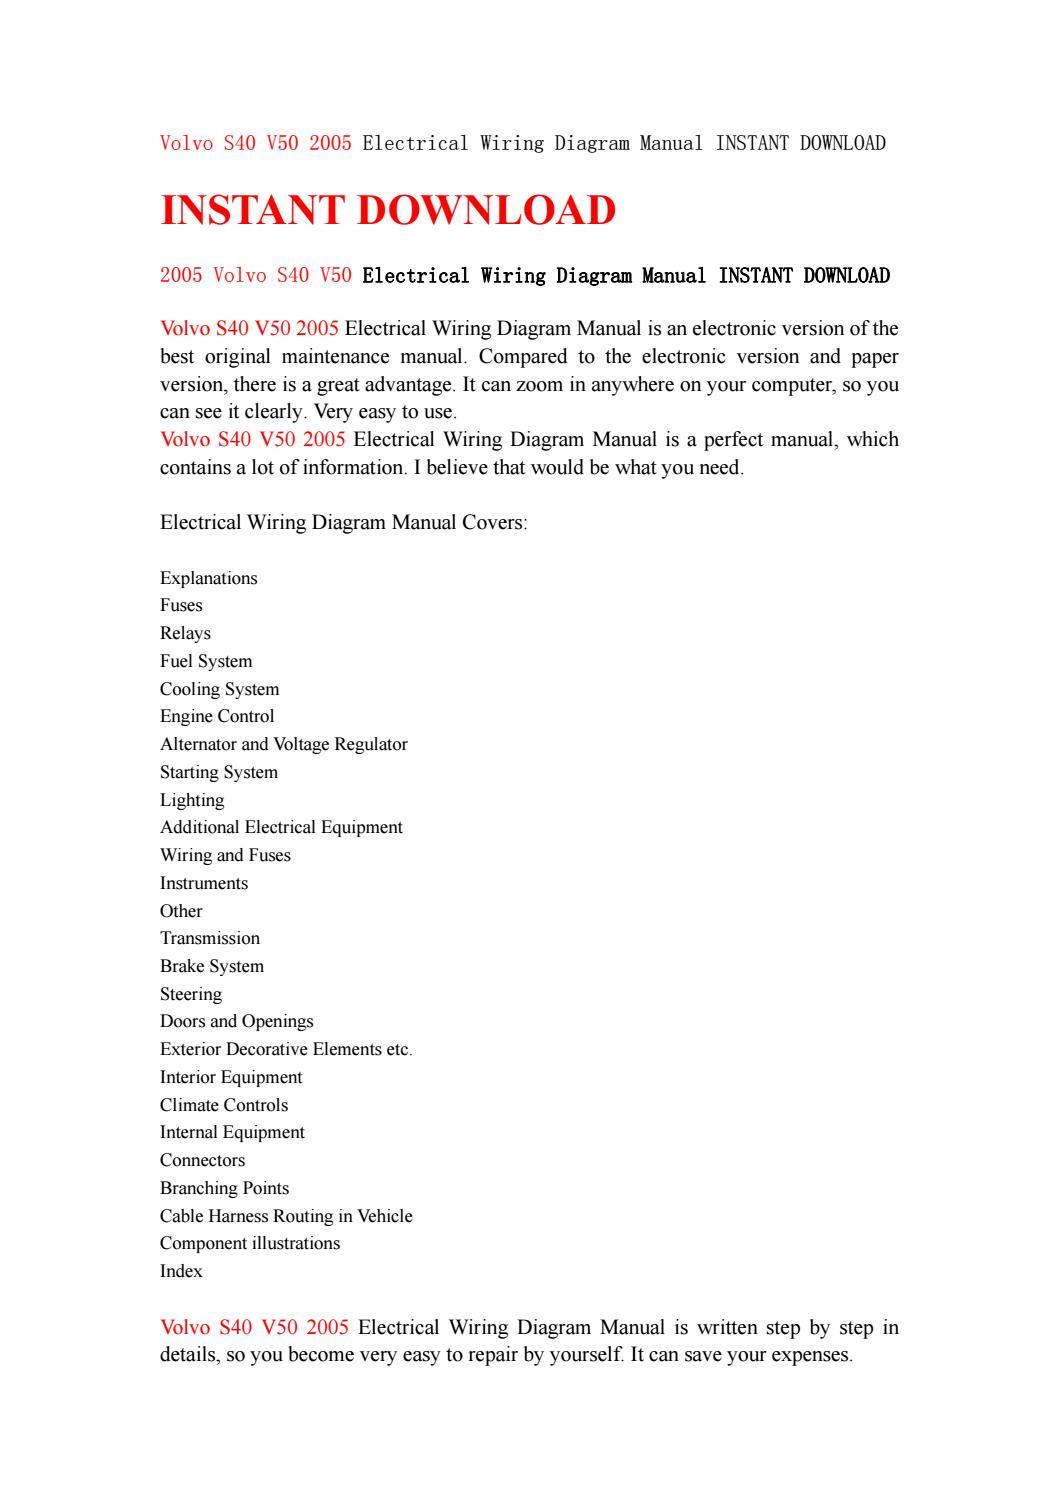 2005 volvo wiring diagram volvo s40 v50 2005 electrical wiring diagram manual instant  volvo s40 v50 2005 electrical wiring